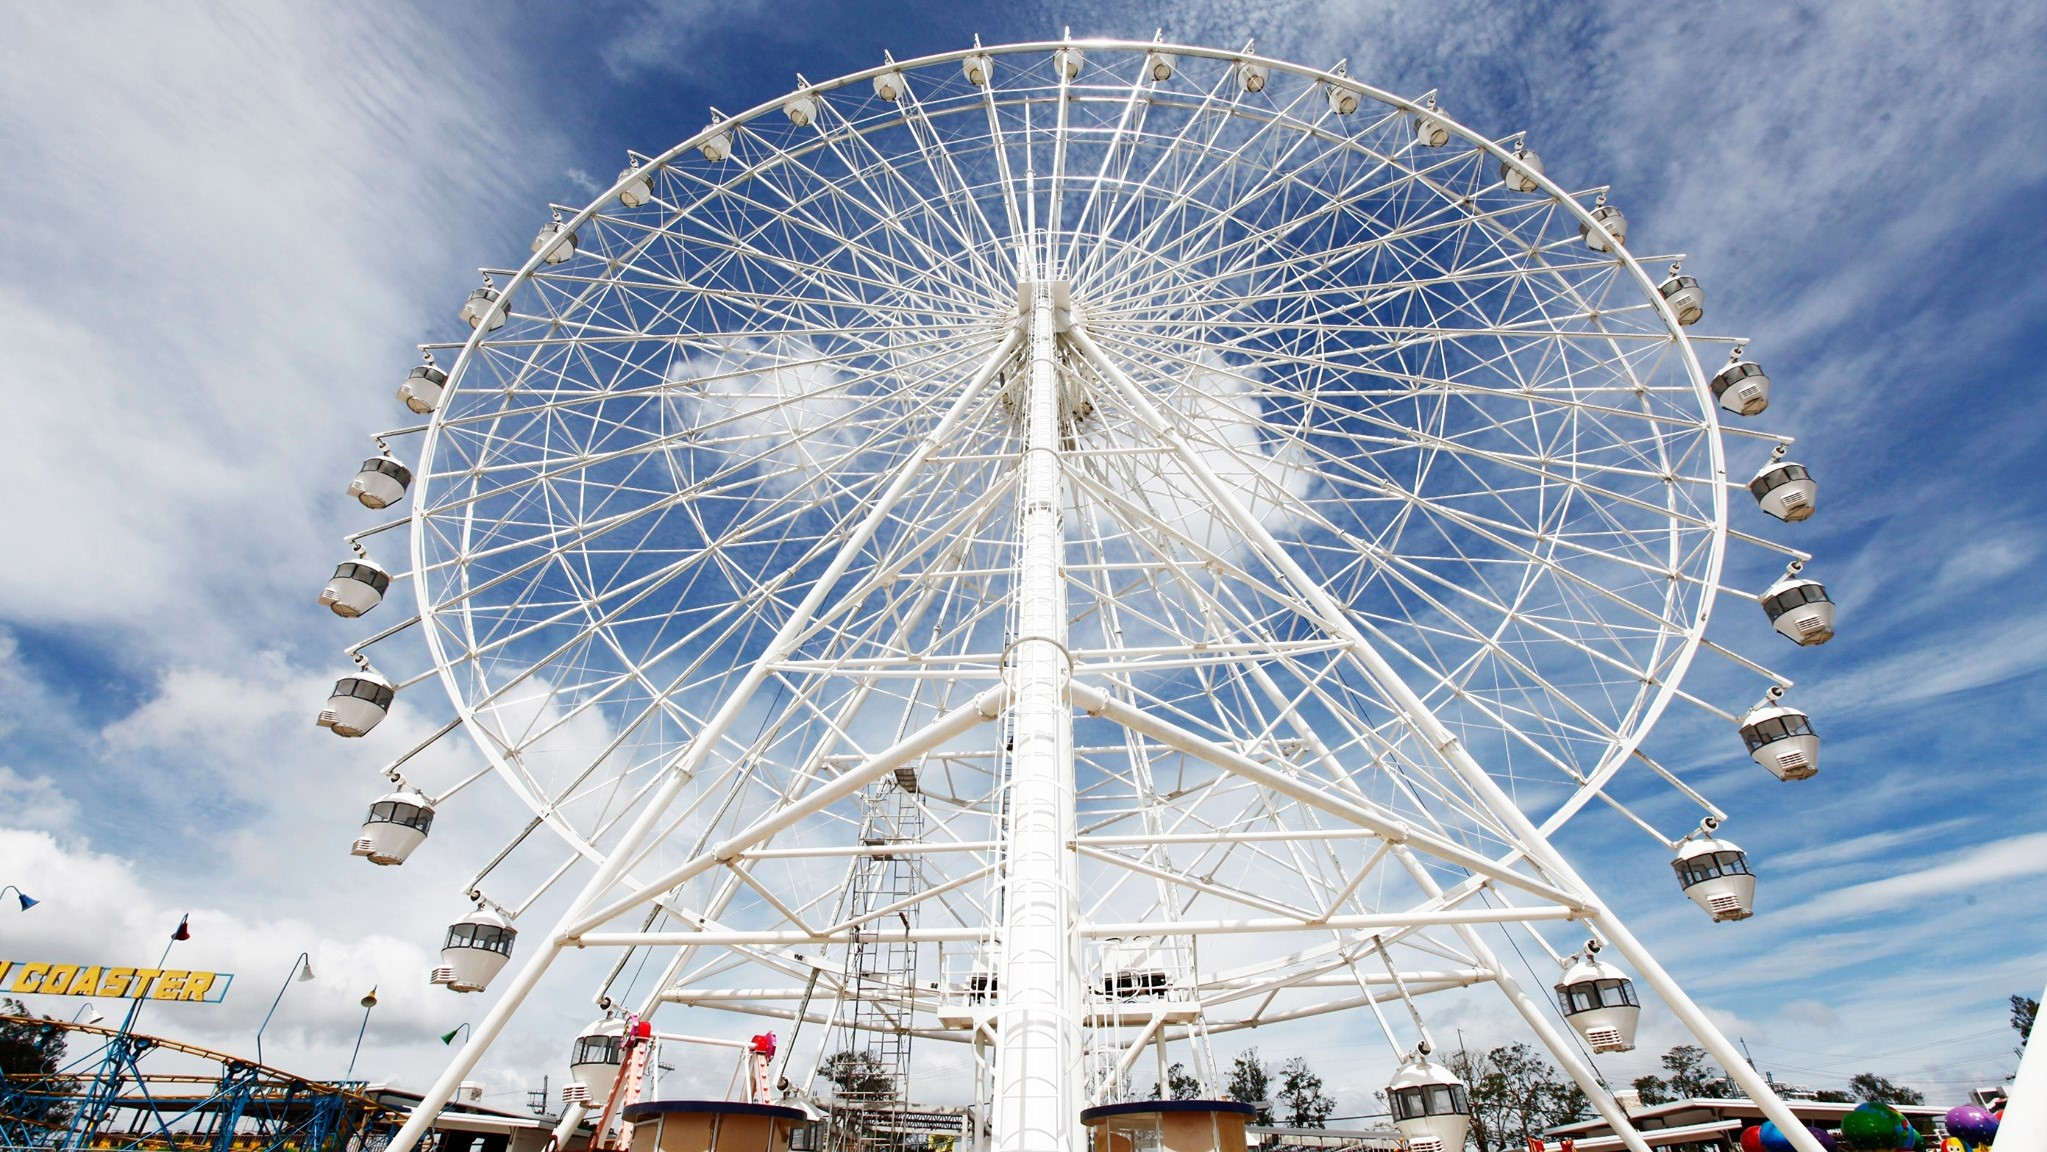 Sky Eye Ferris Wheel at Sky Ranch Tagaytay